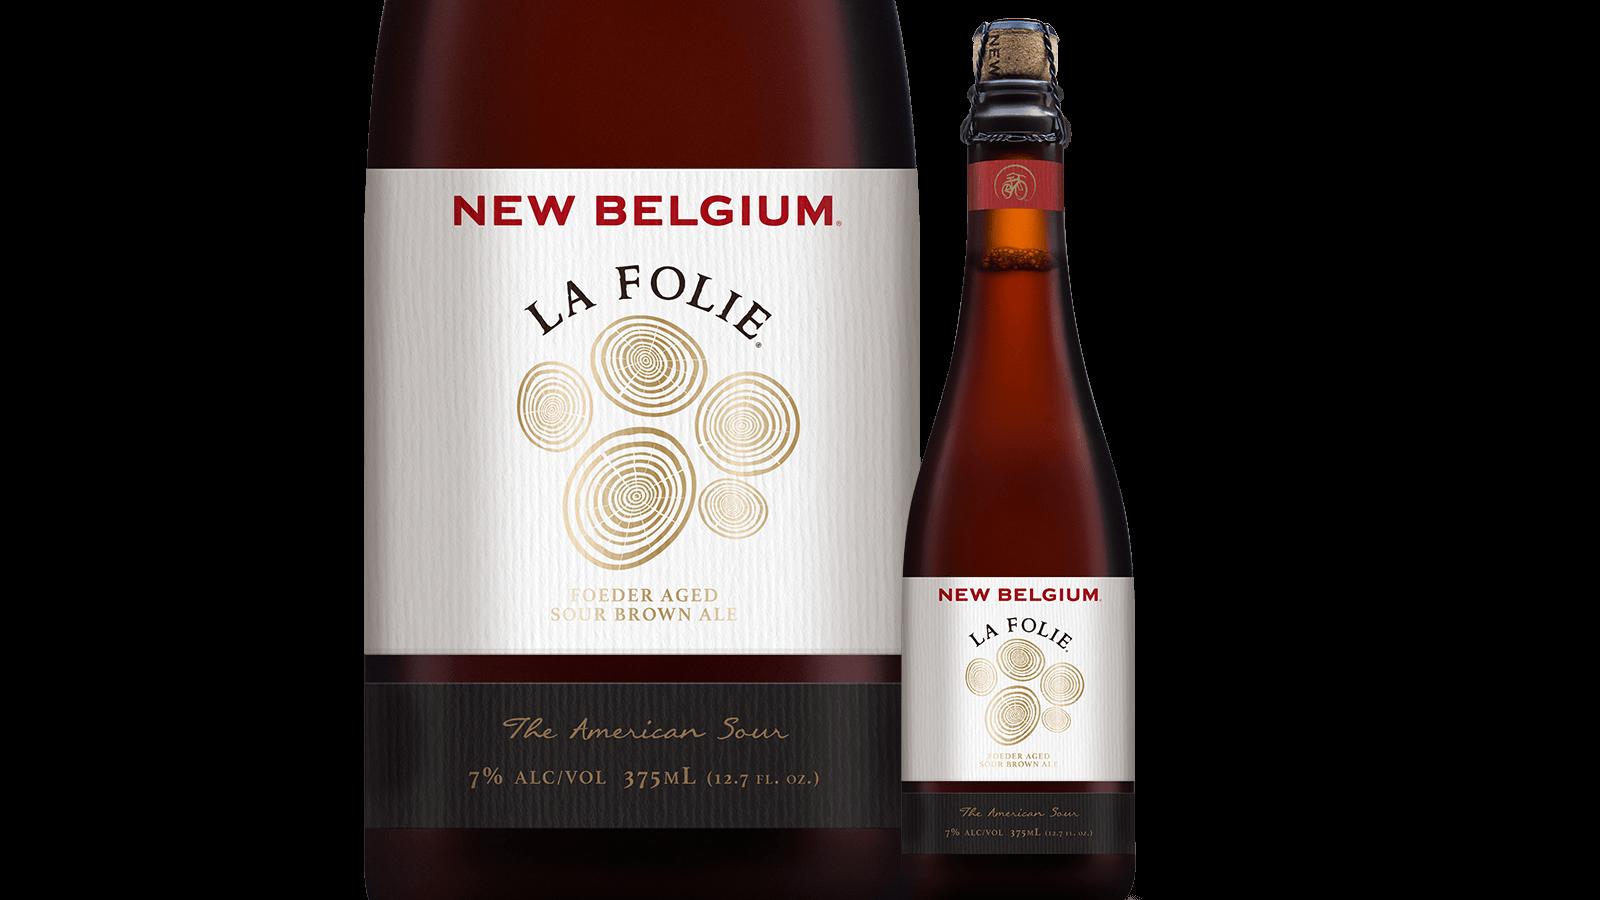 la folie sour brown ale new belgium brewing